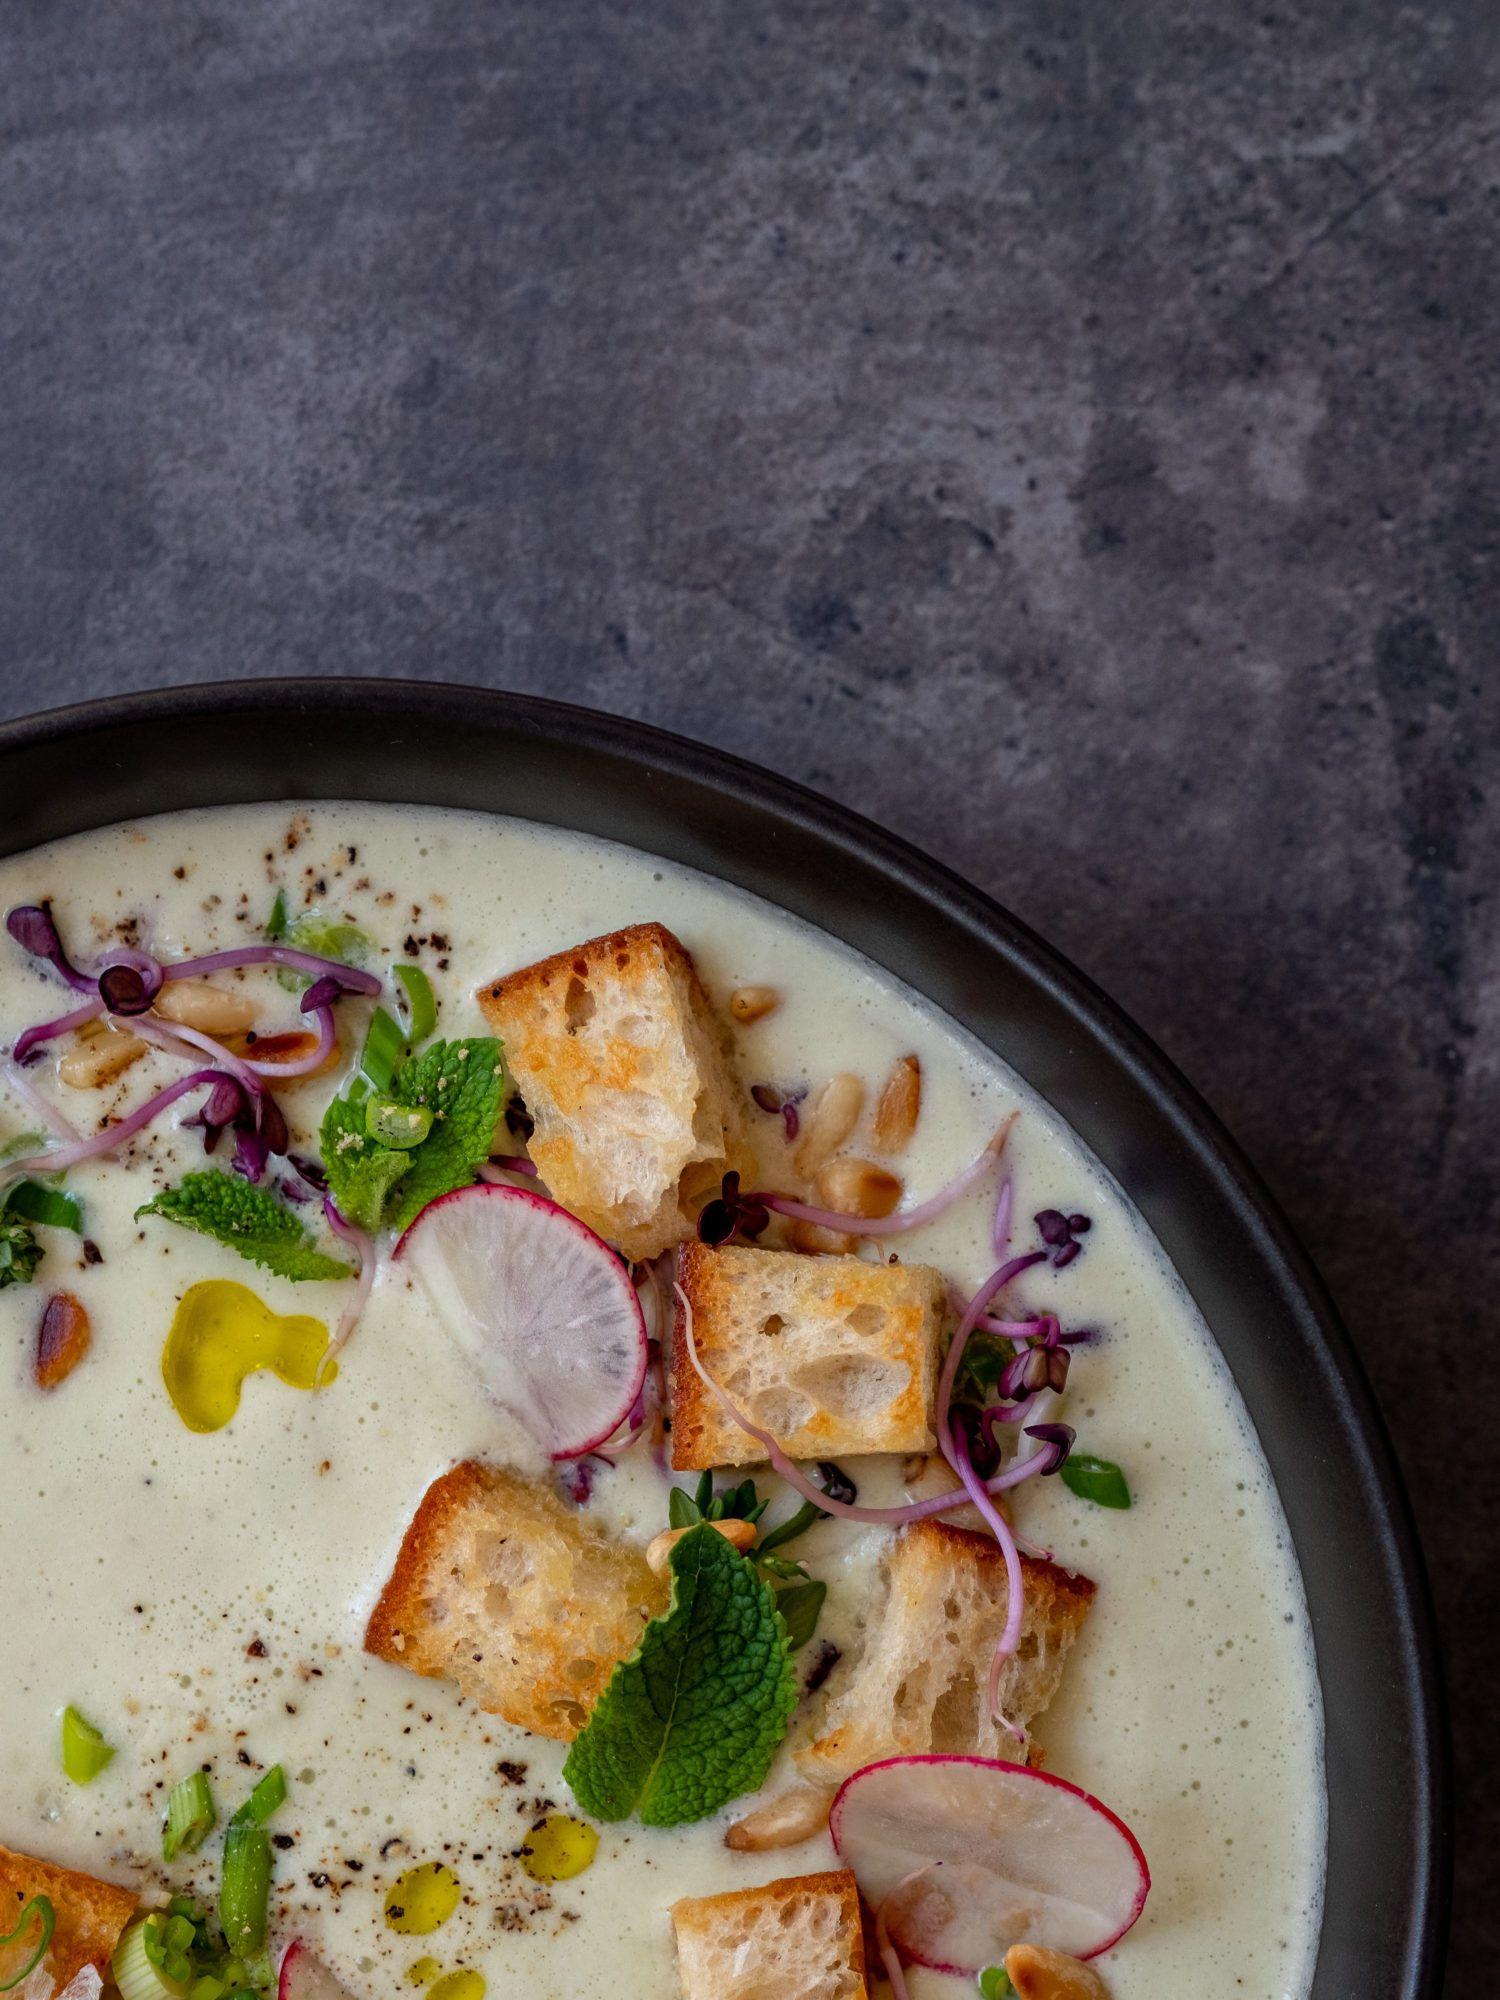 Foodblog, About Fuel, Rezept Gurken-Mandel-Gazpacho mit Croutons, Radieschen, Minze, Sprossen, Pfeffer